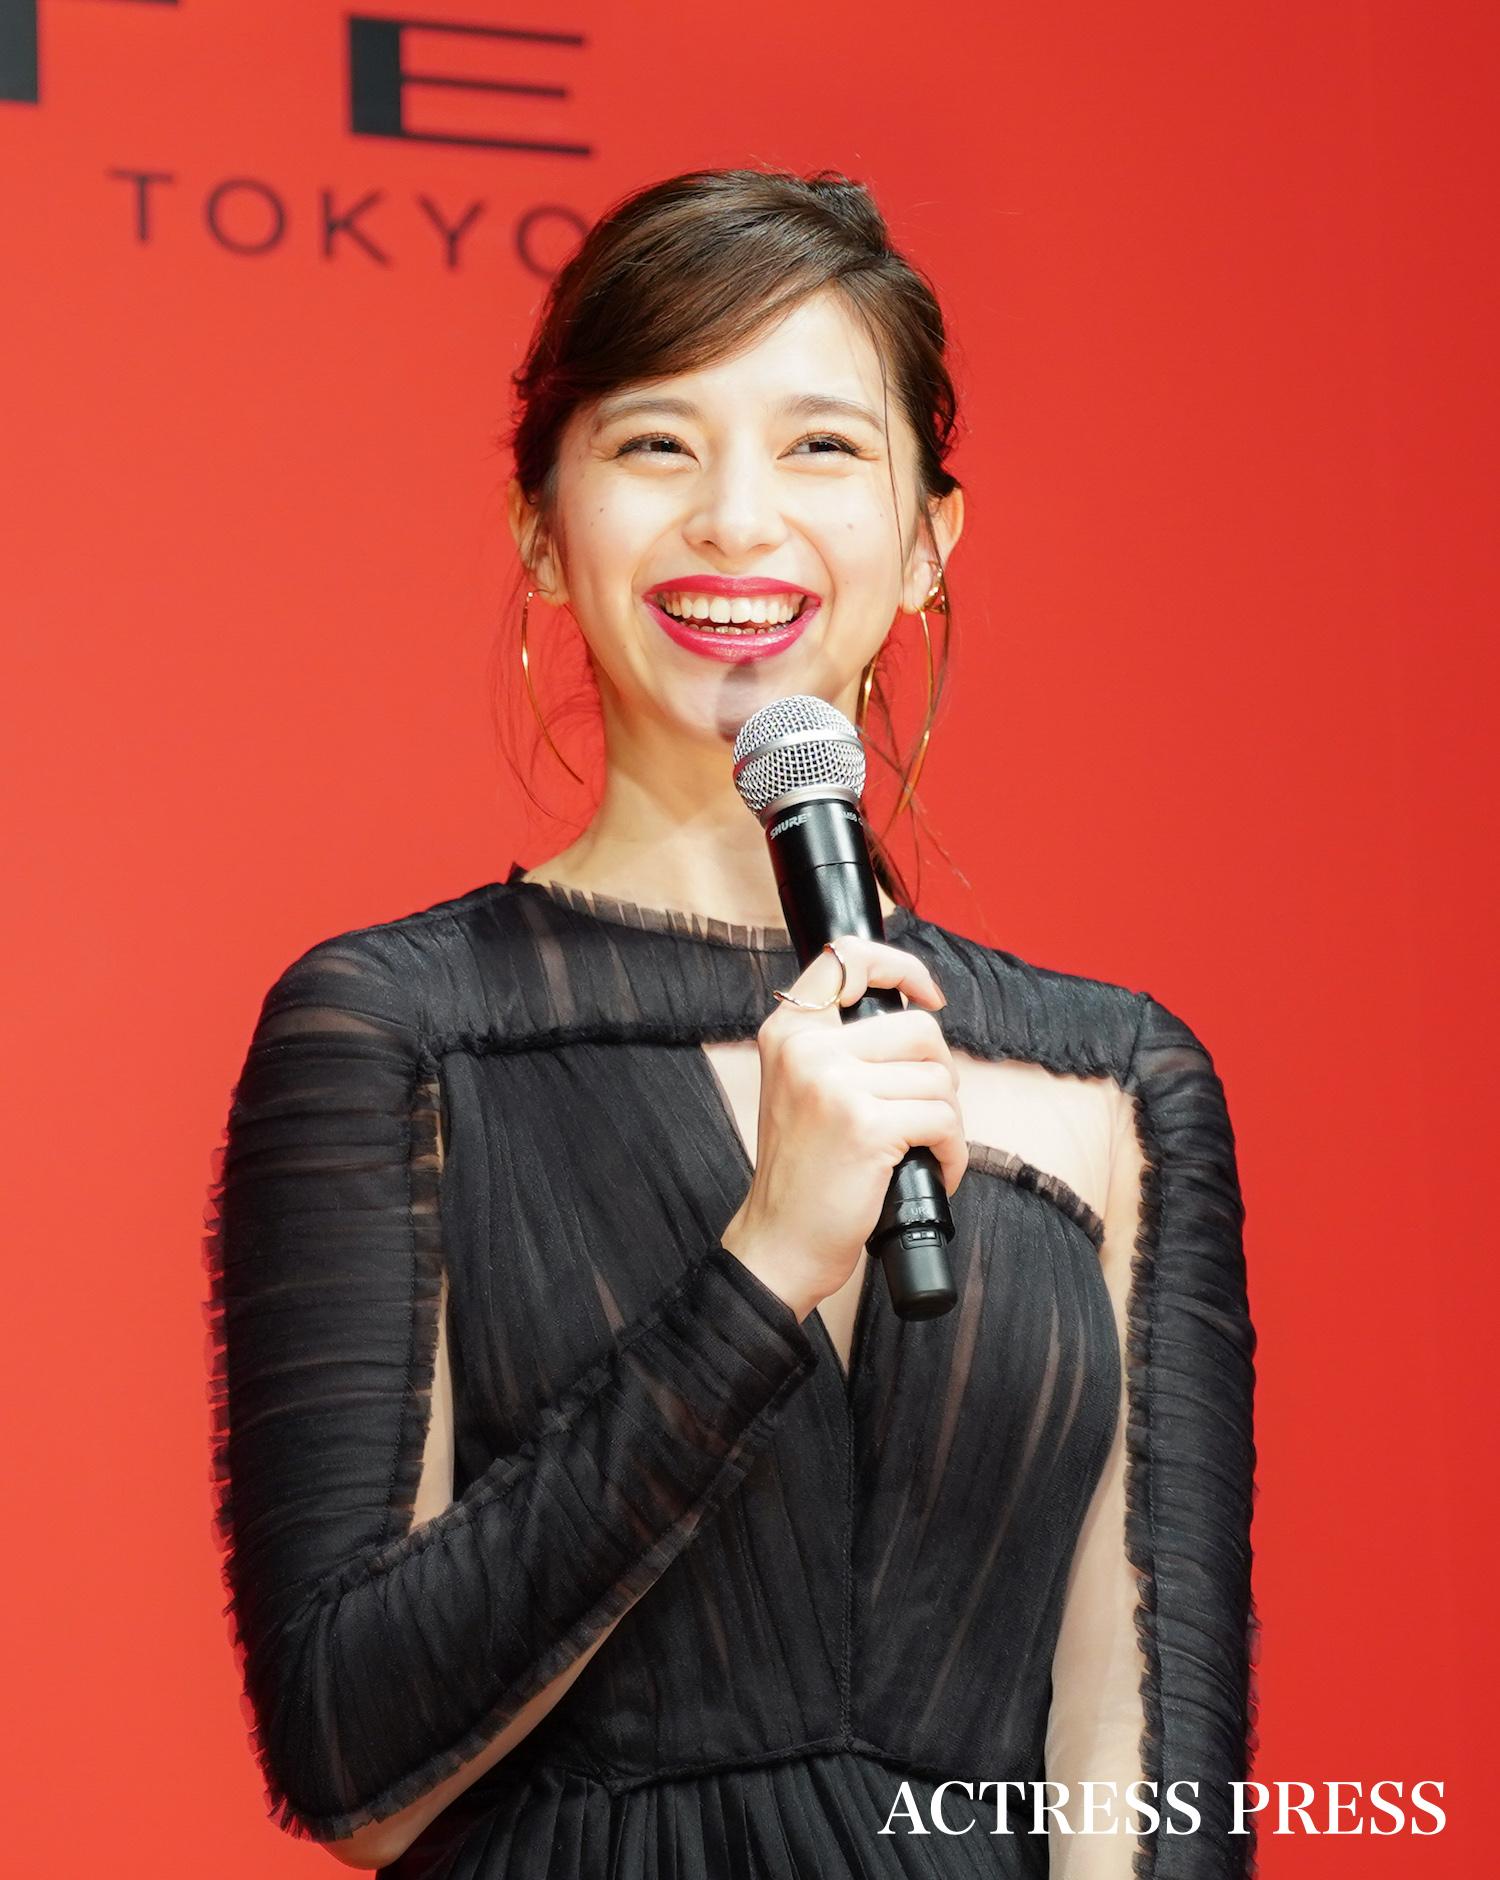 中条あやみ/2019年12月20日、東京都内・表参道ヒルズにて開催された、「真実の唇。」展オ-プニングレセプションにて/撮影:ACTRESS PRESS編集部